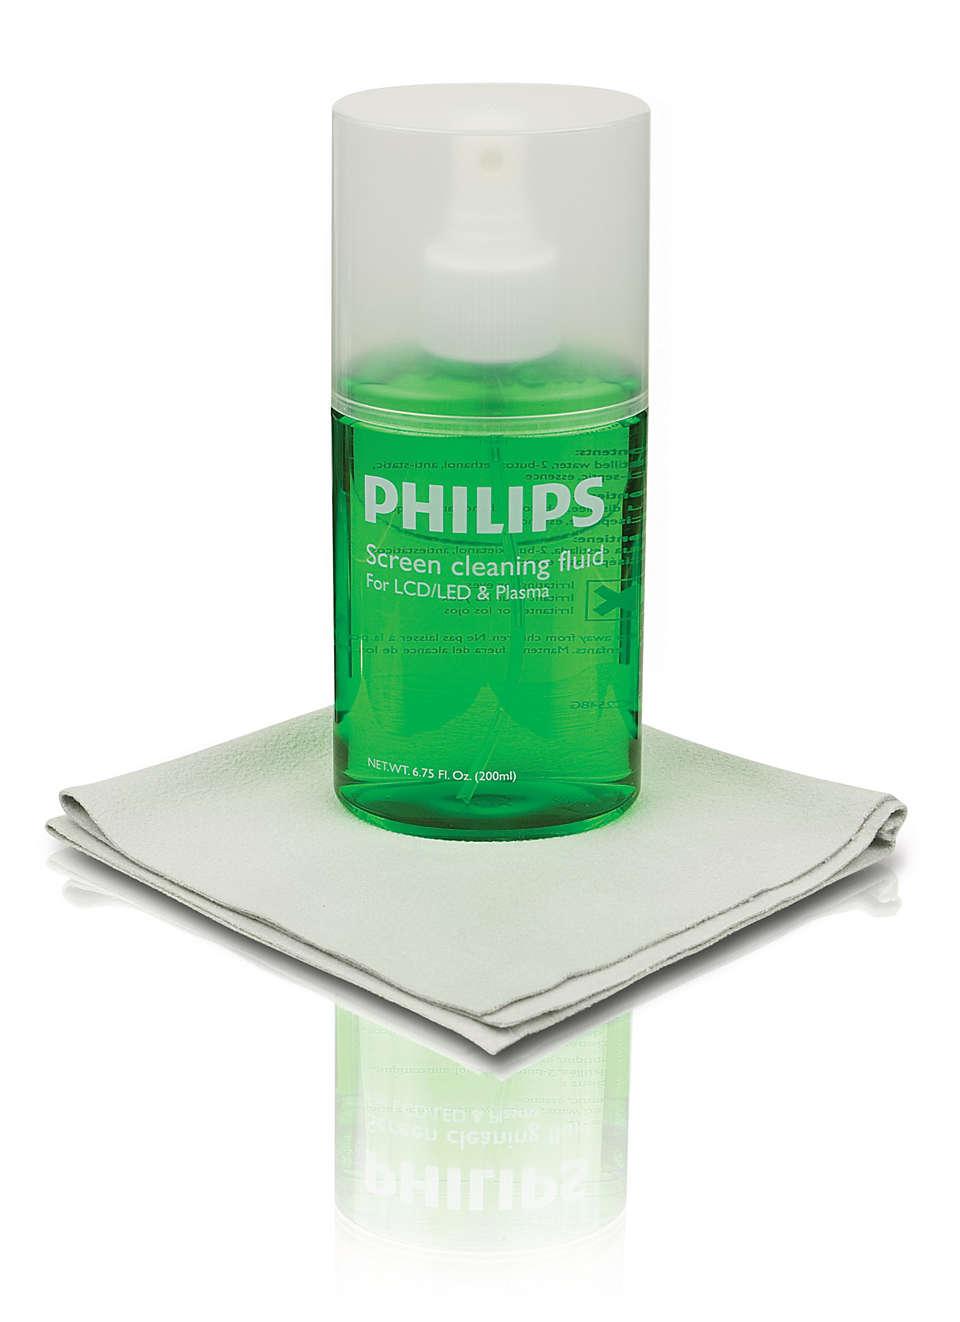 Permet de nettoyer les écrans plats en toute sécurité